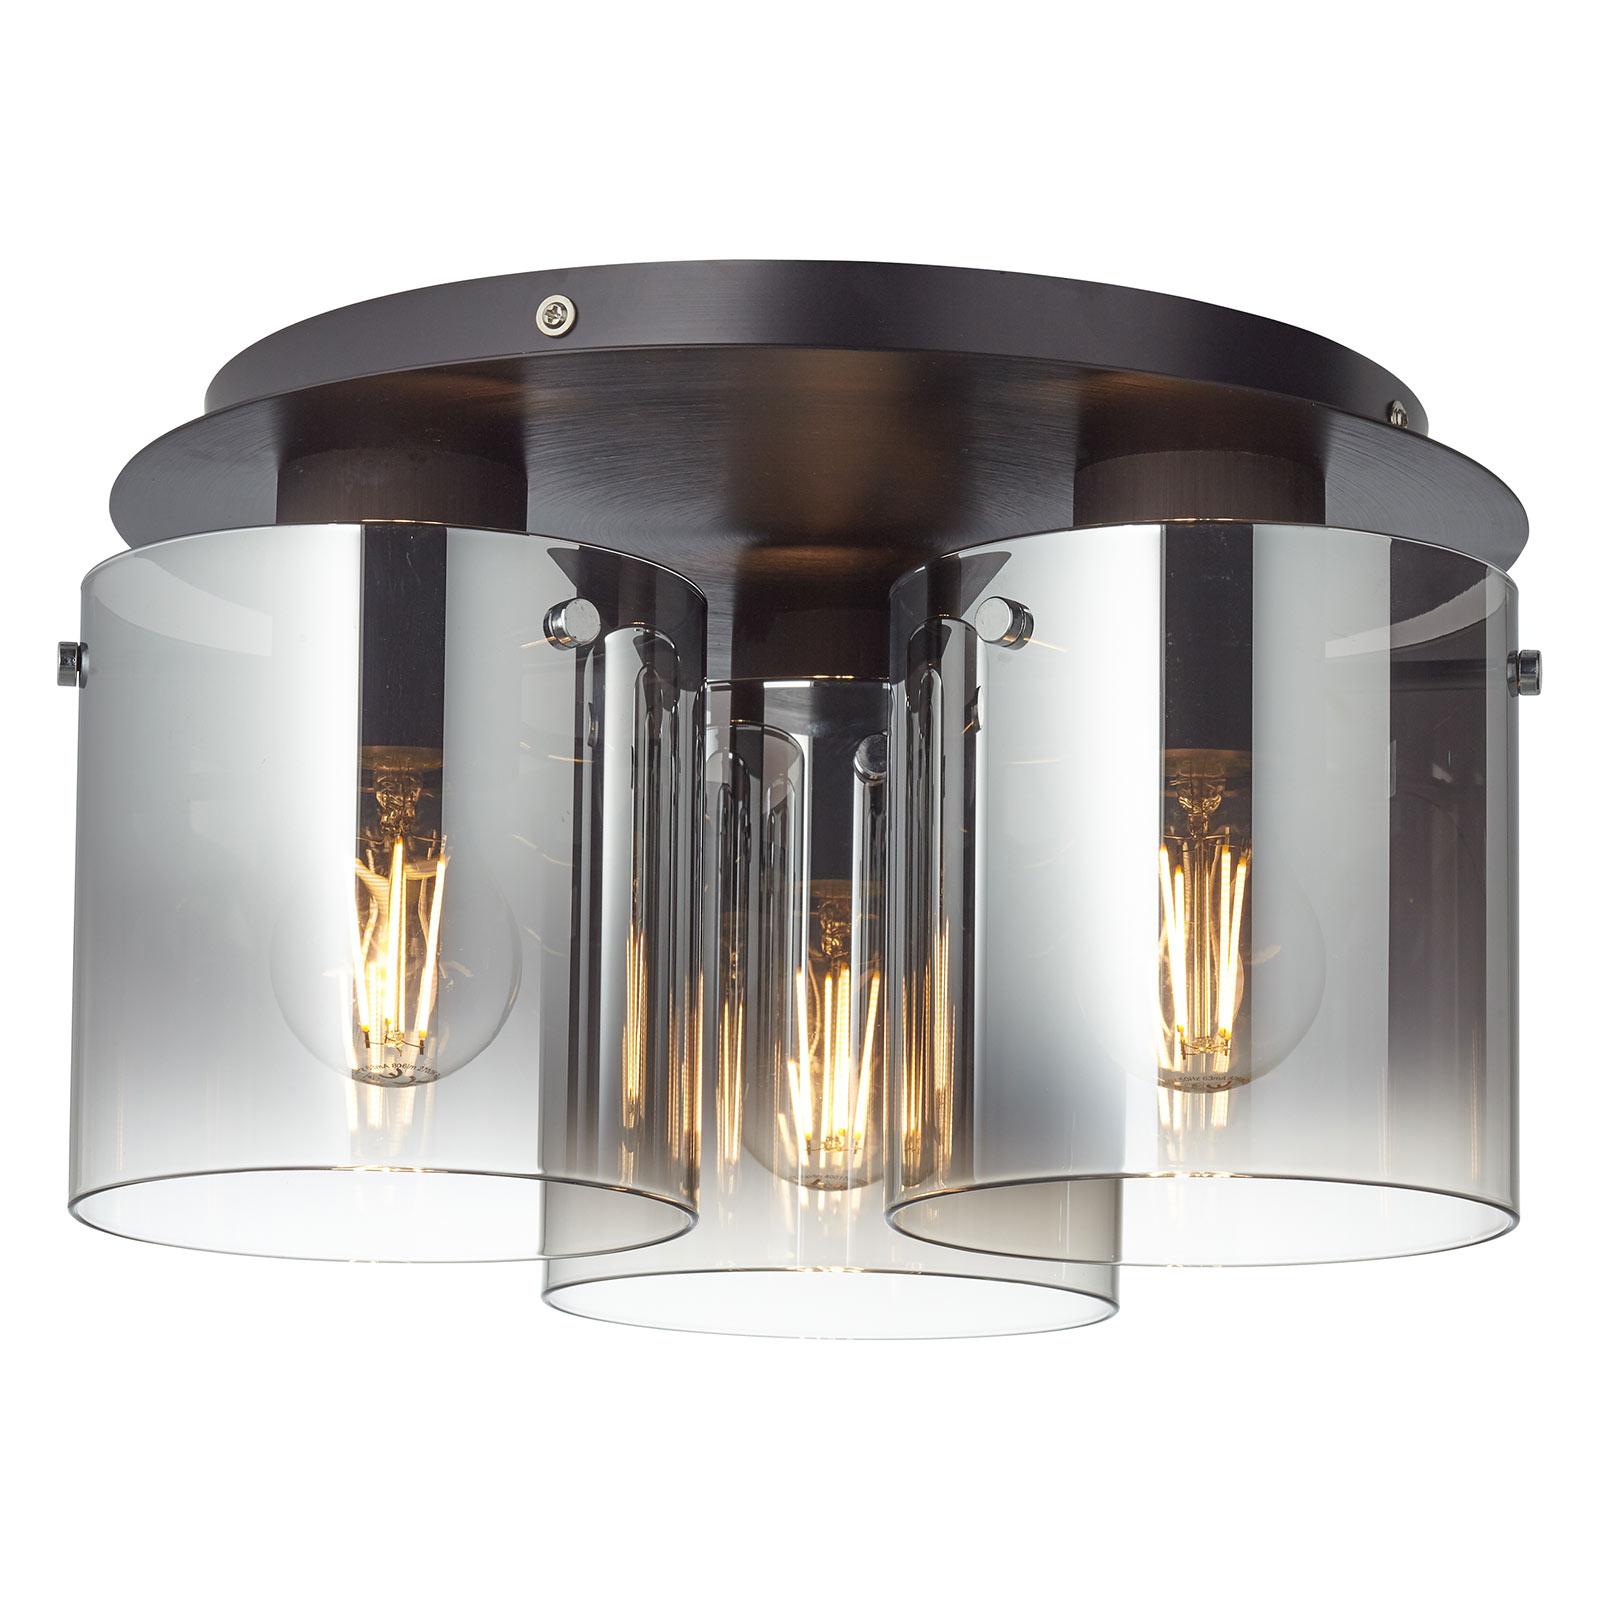 Lampa sufitowa Beth dymione szkło, 3-punktowa